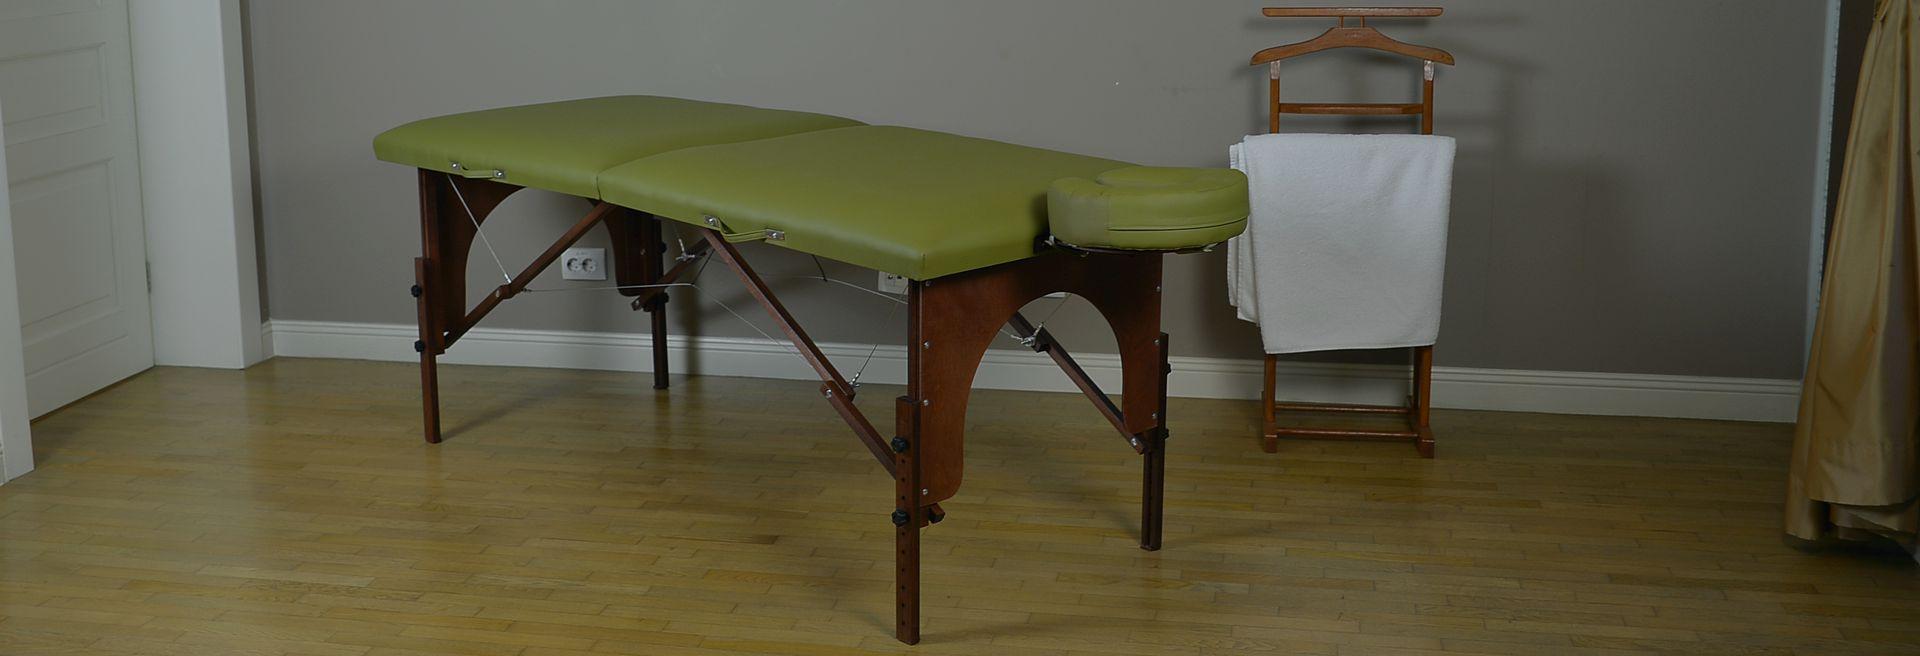 Masa de masaj portabila, model Arcada, finisaj wenge, tapiterie olive